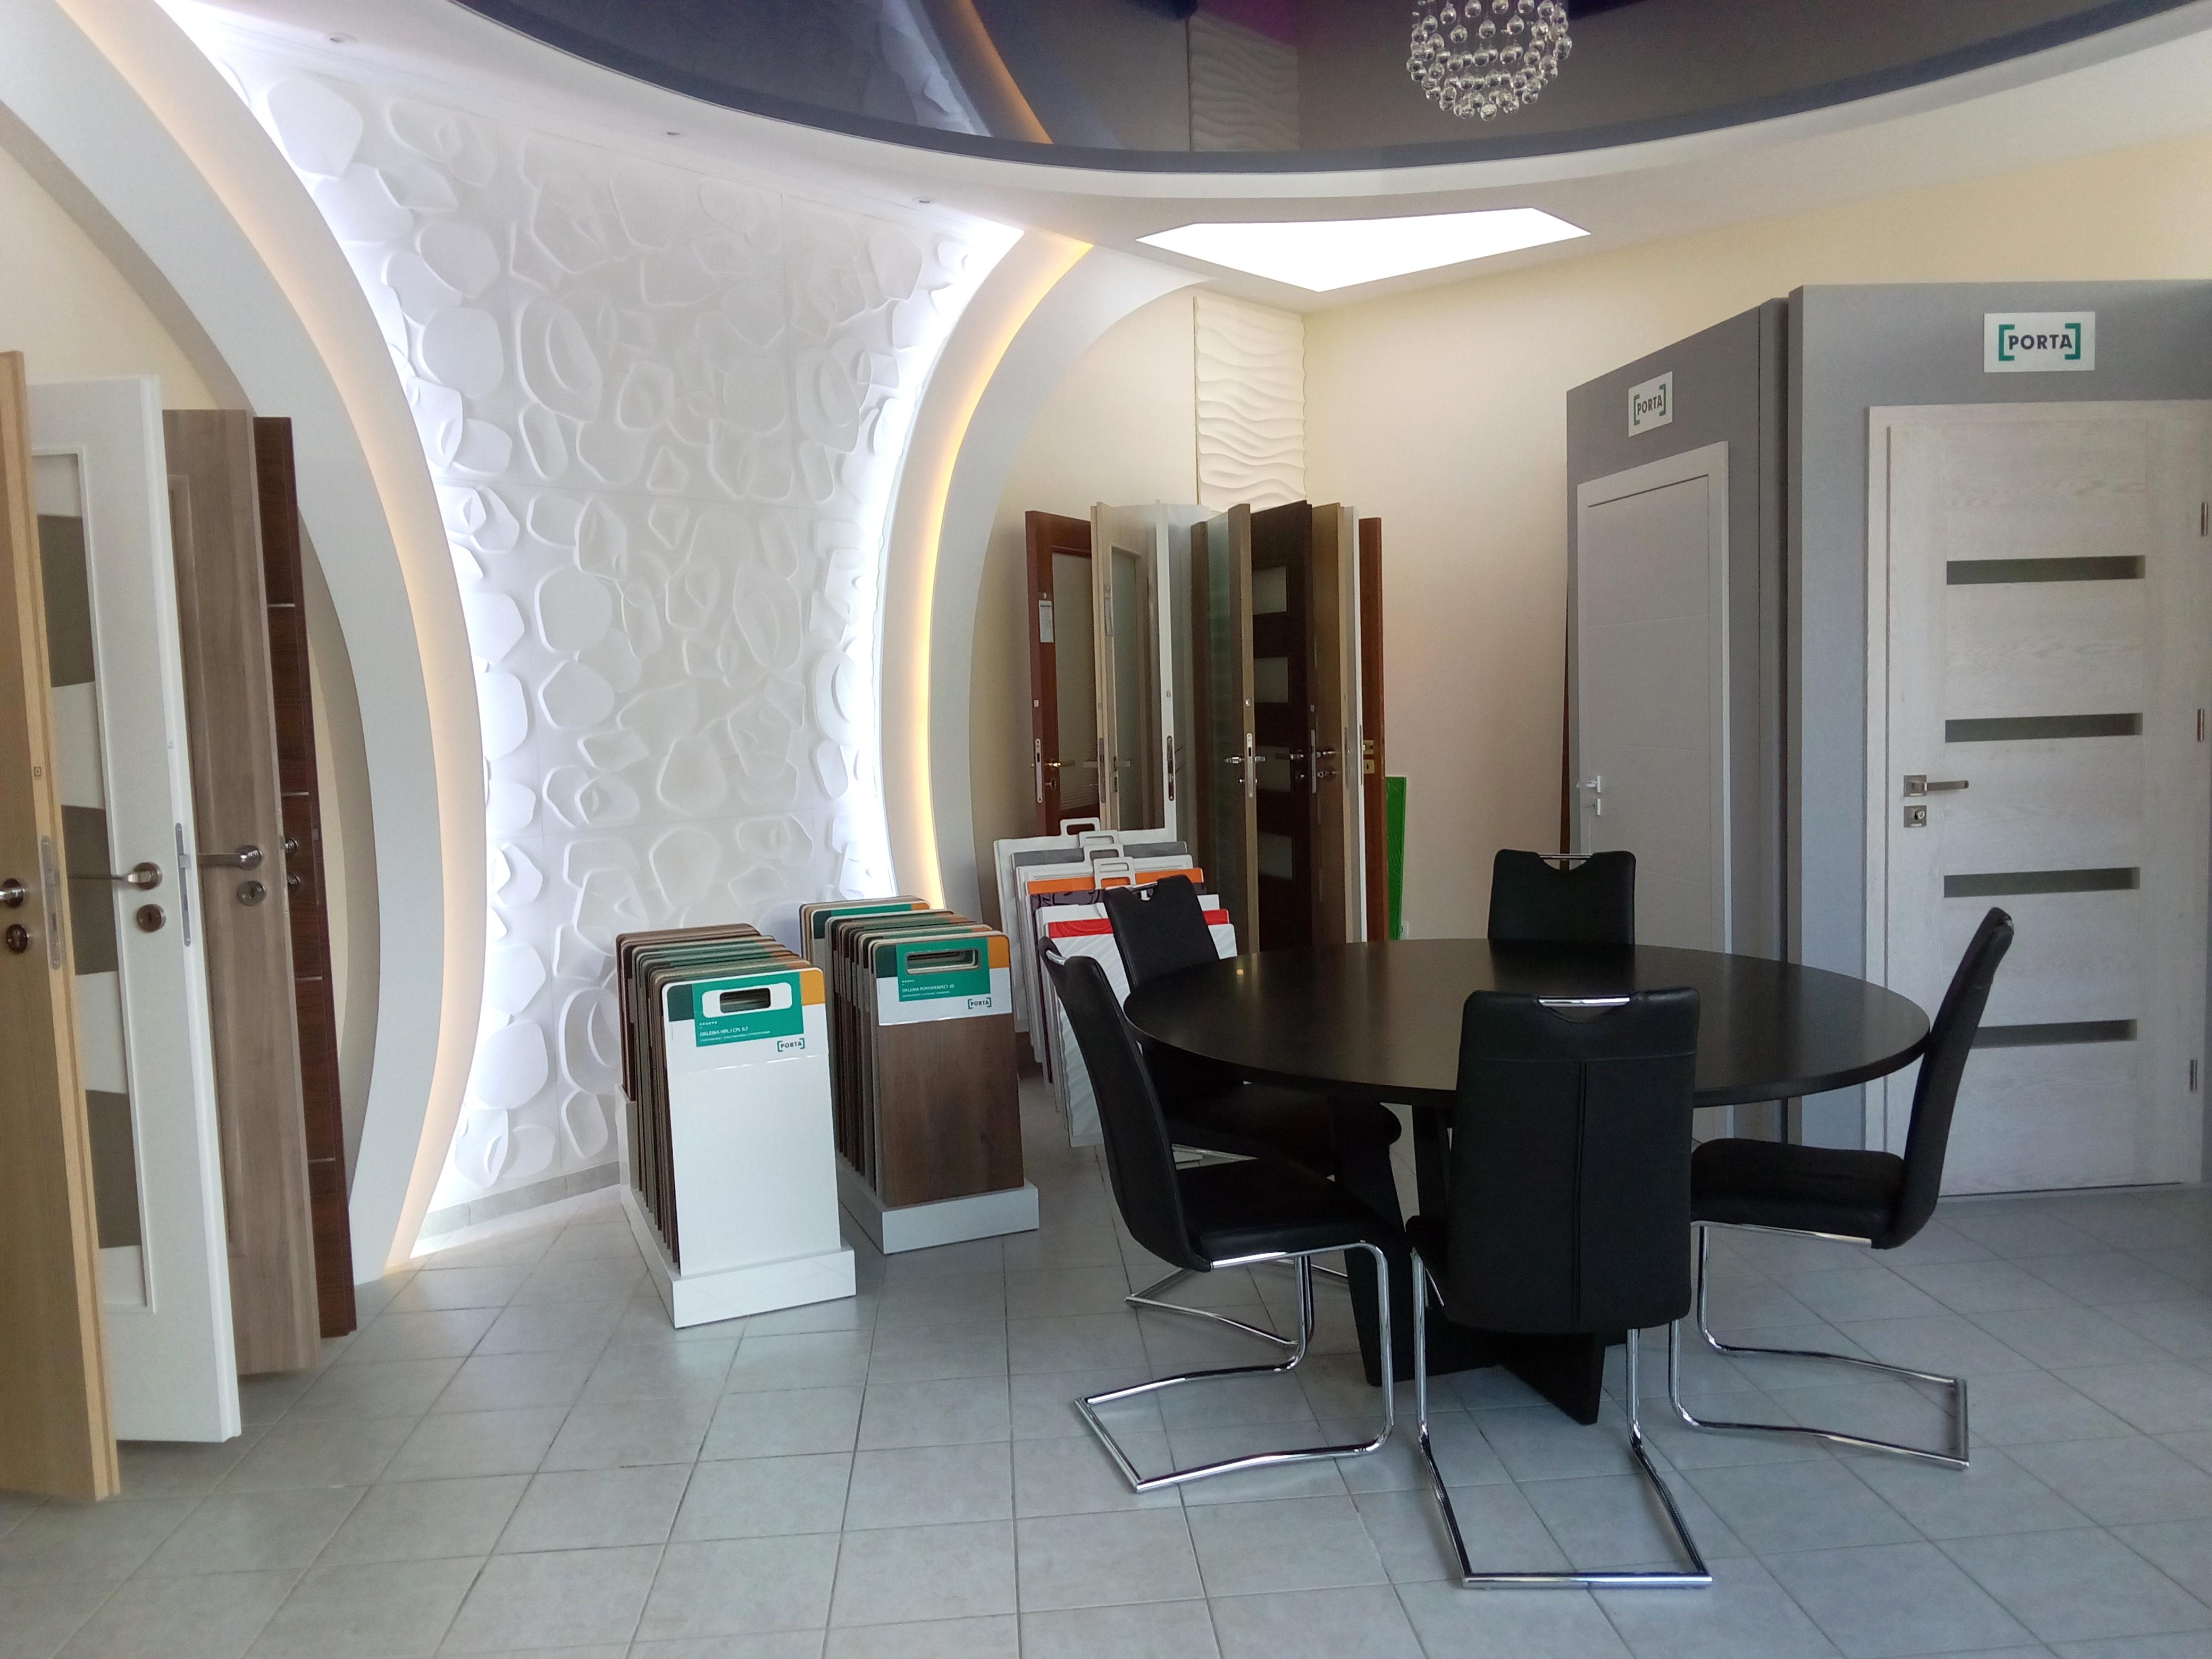 Style & Design Bau - Innentüren, Haustüren, Spanndecken